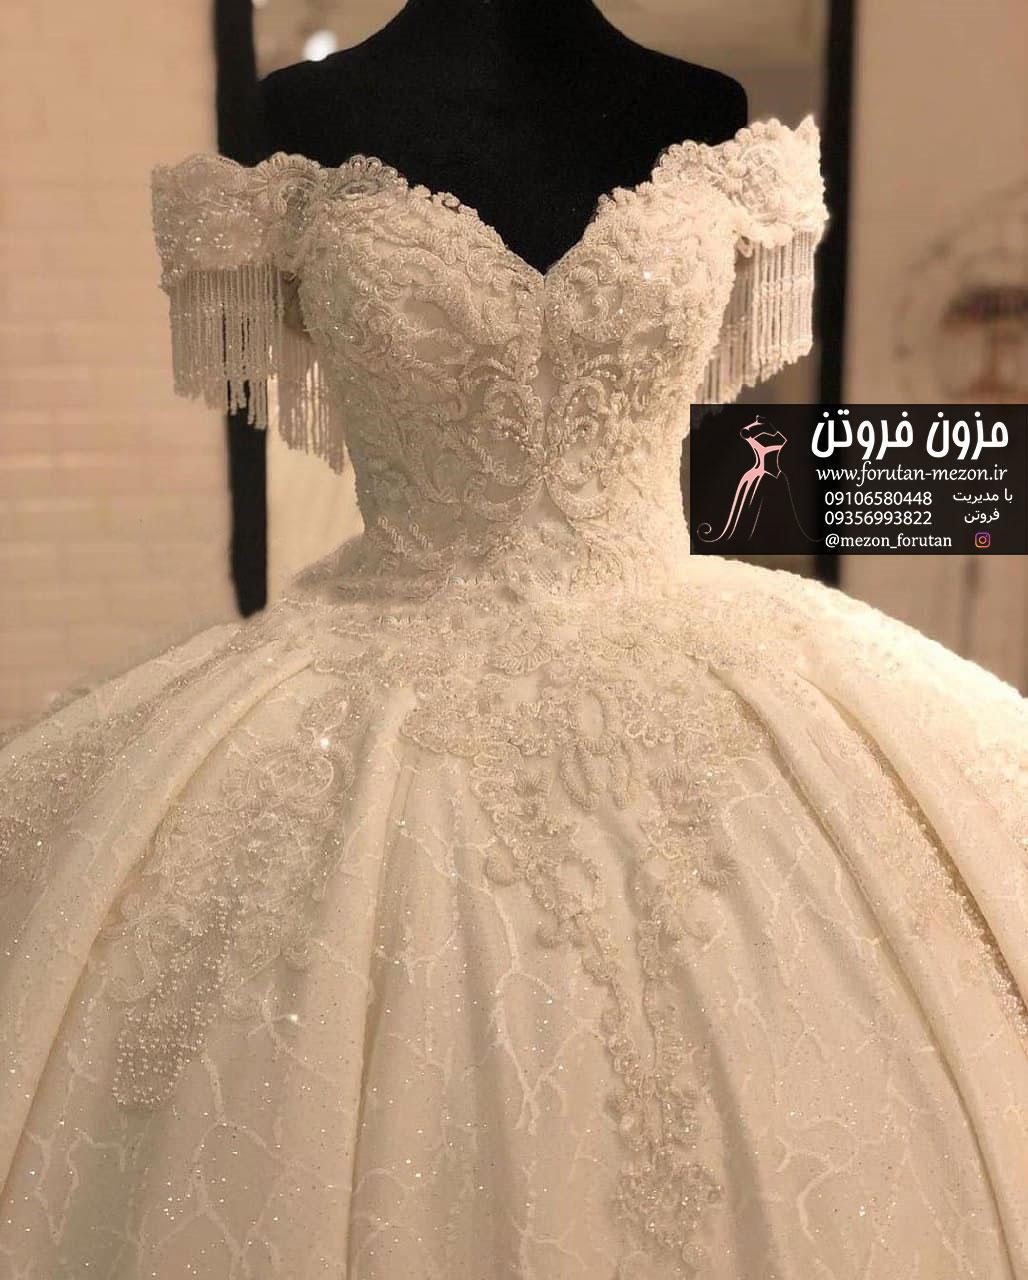 قیمت خرید لباس عروس